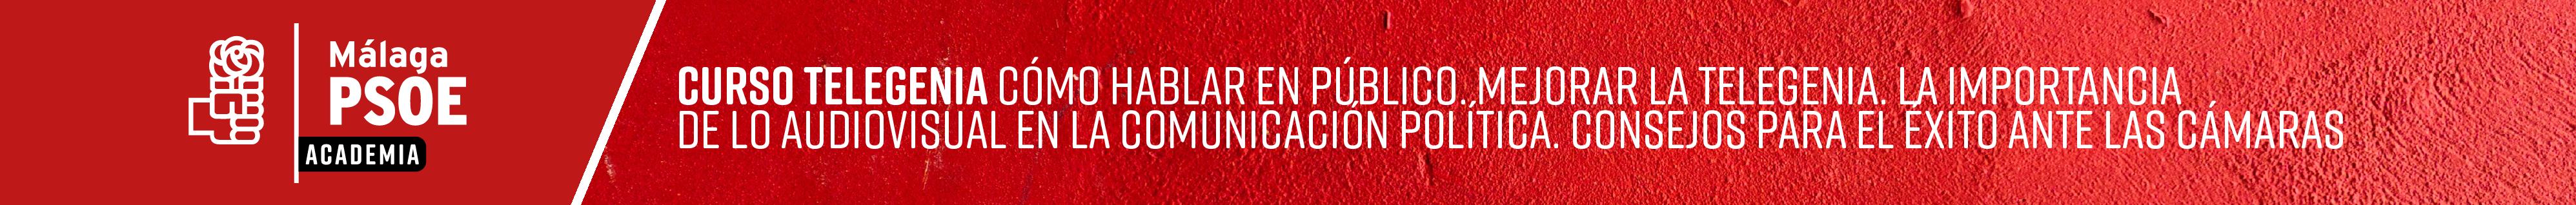 Curso 4: Cómo hablar en público: Mejorar la Telegenia